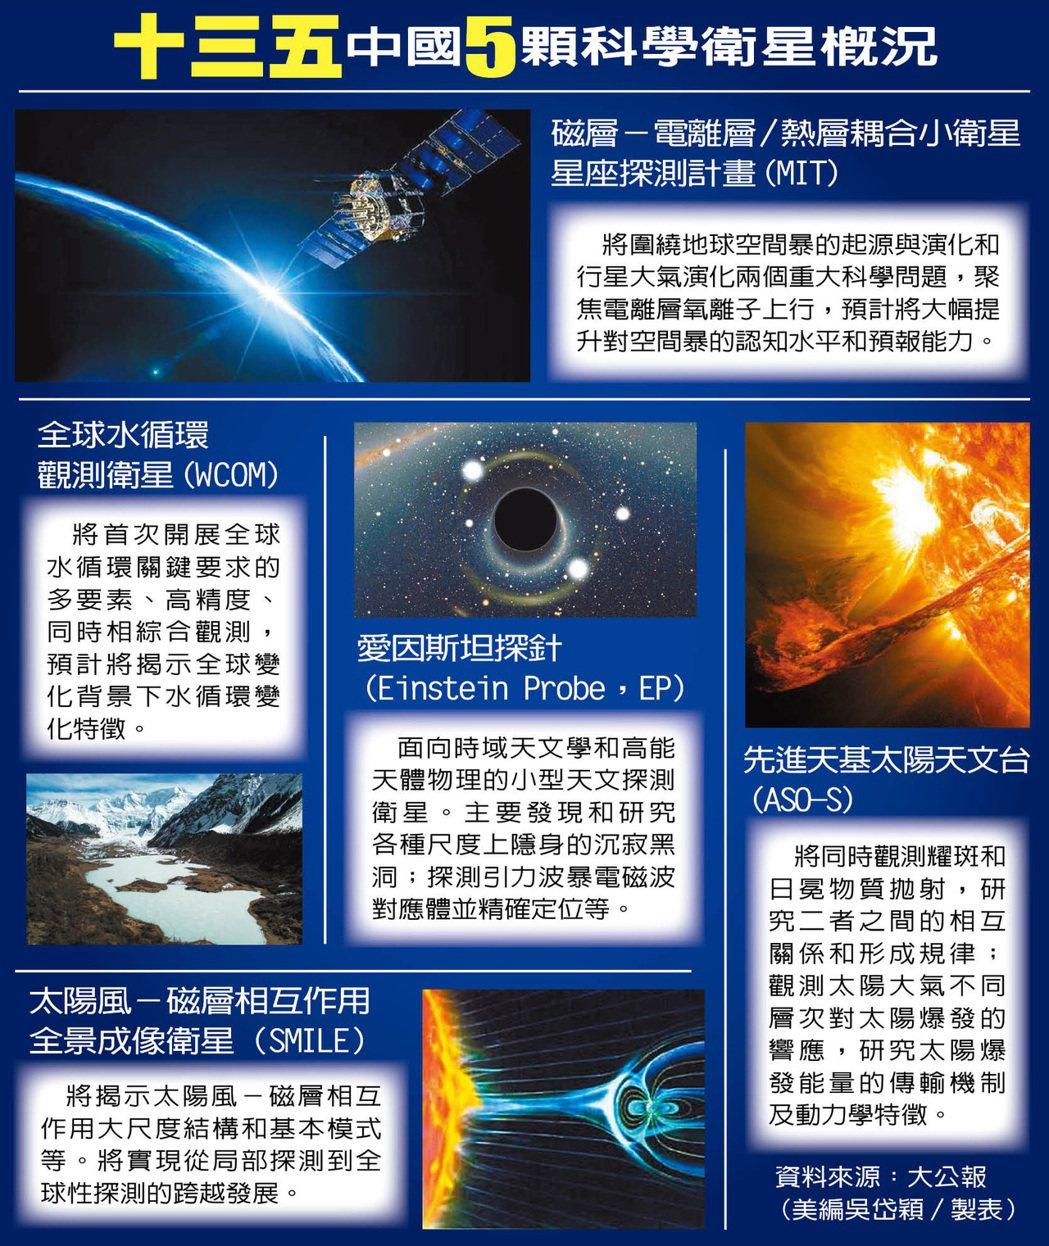 「十三五」中國五顆科學衛星概況